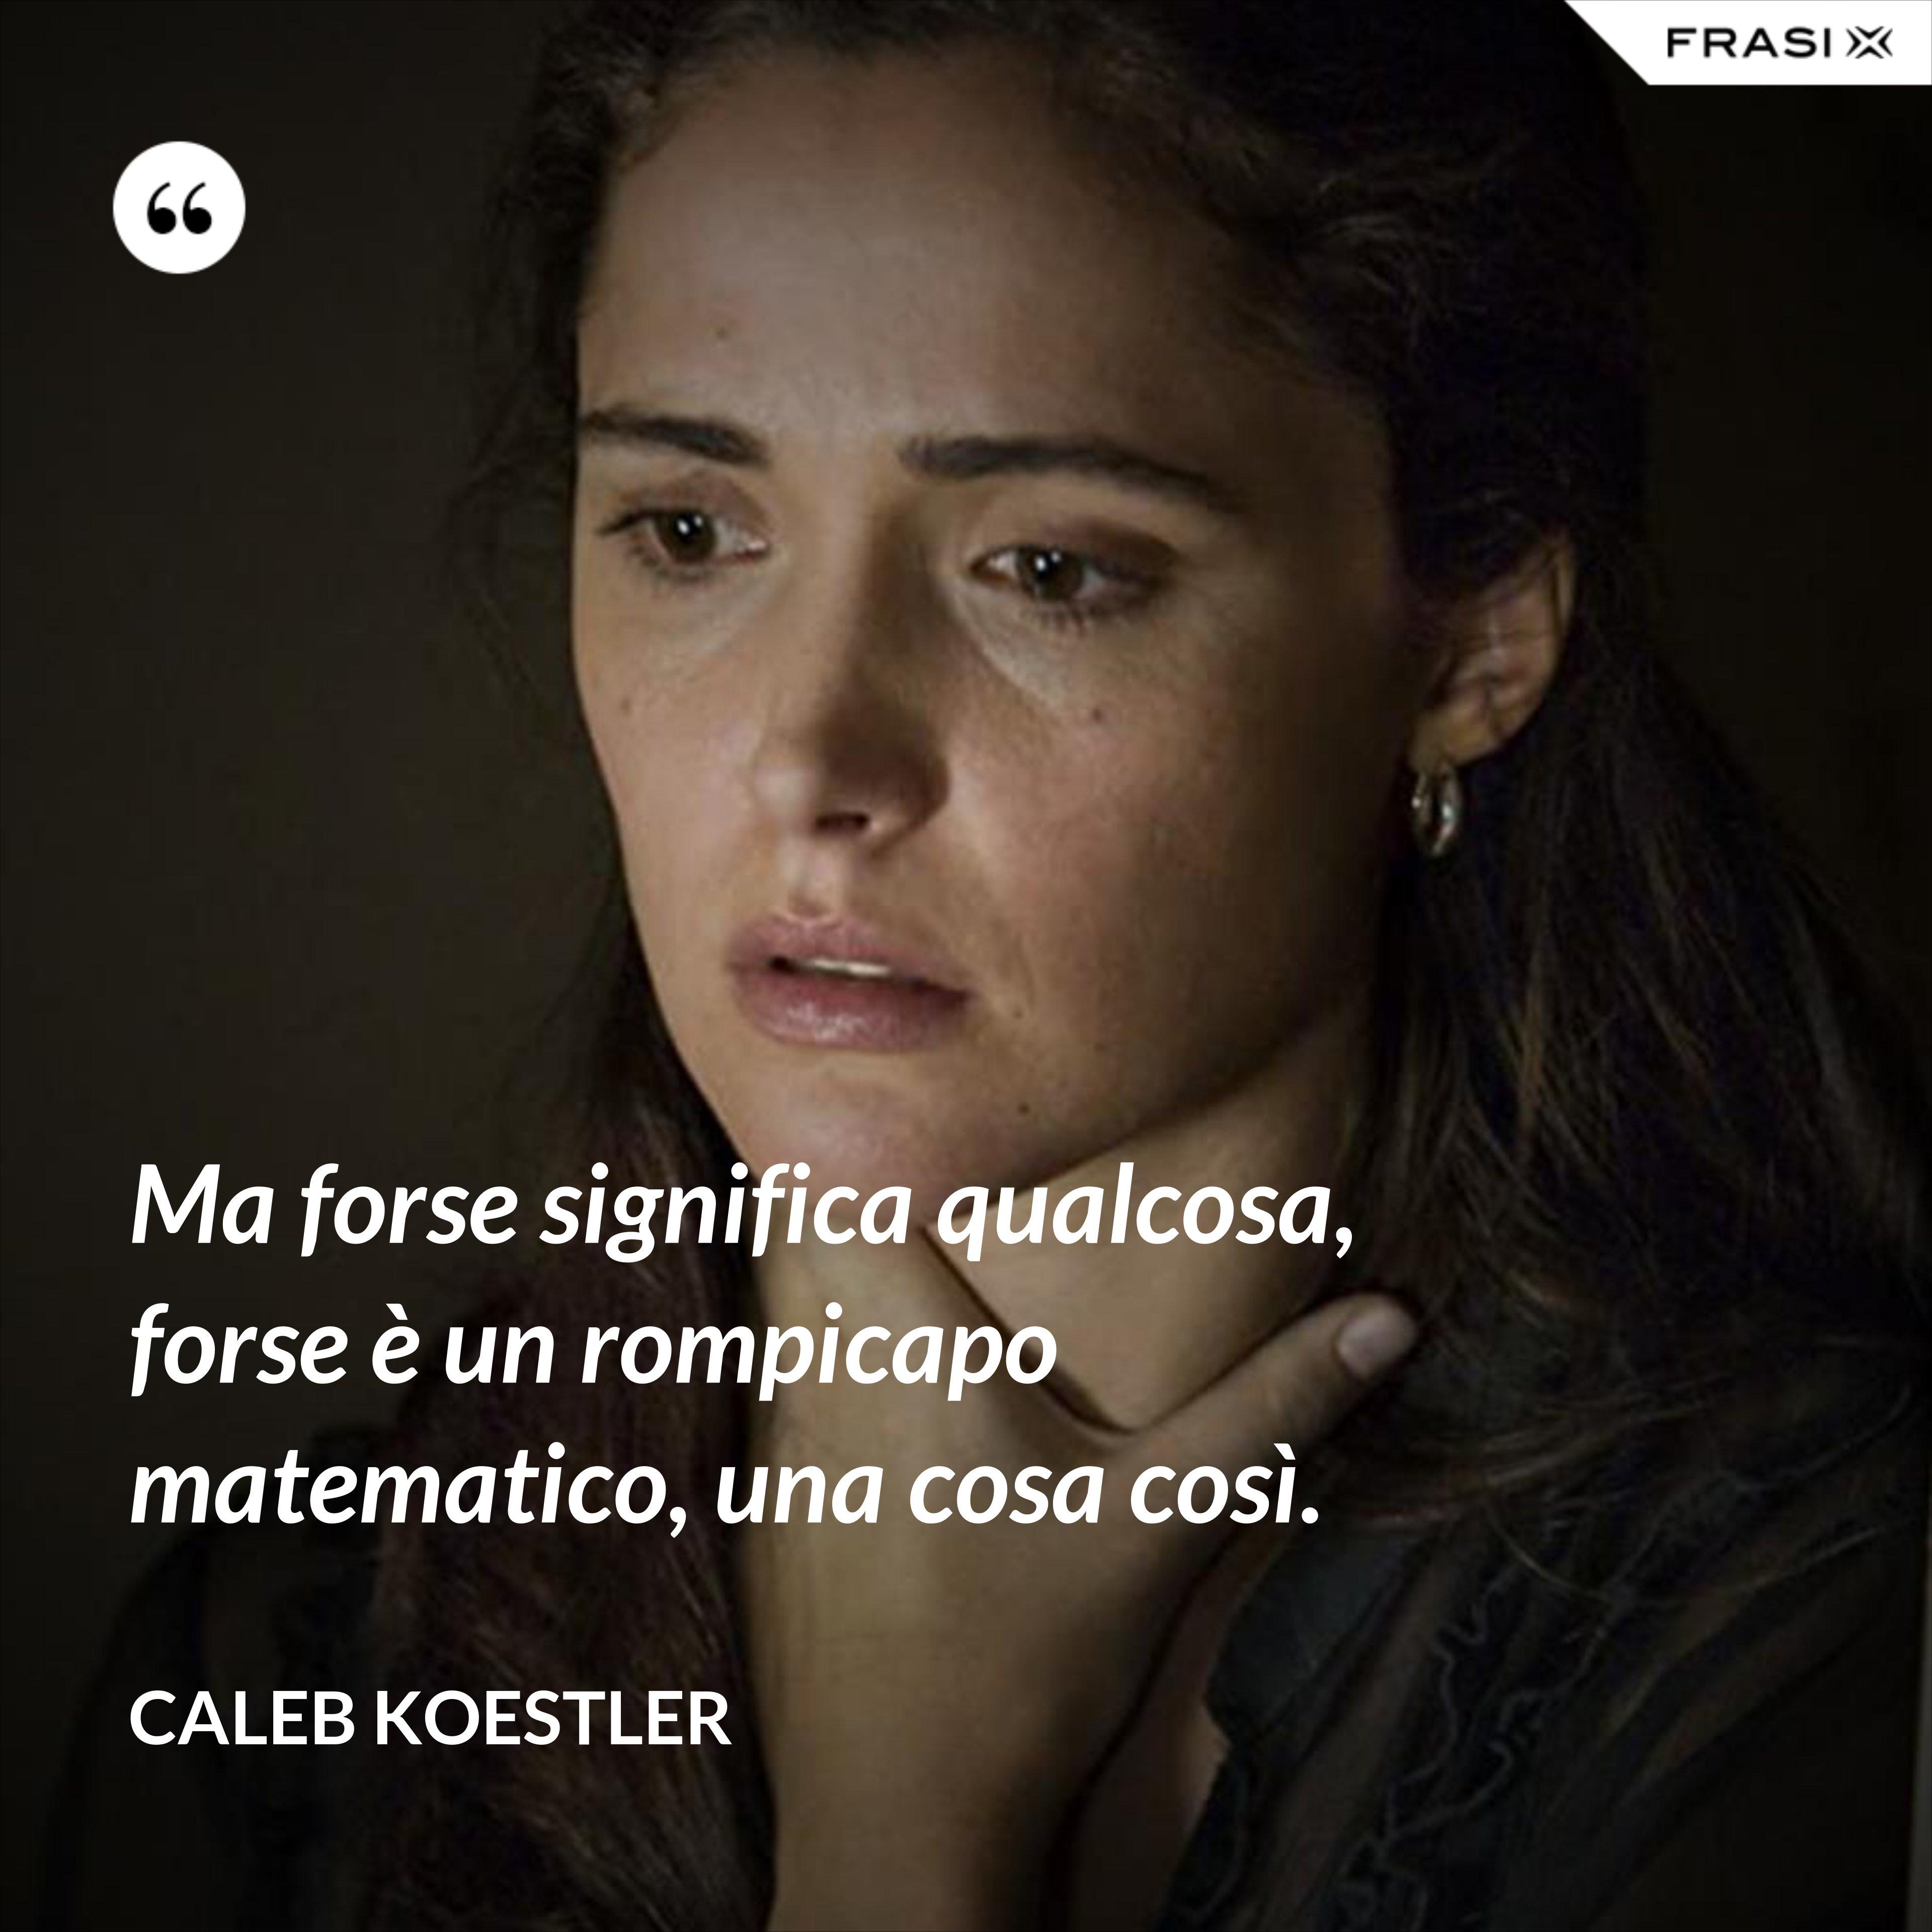 Ma forse significa qualcosa, forse è un rompicapo matematico, una cosa così. - Caleb Koestler